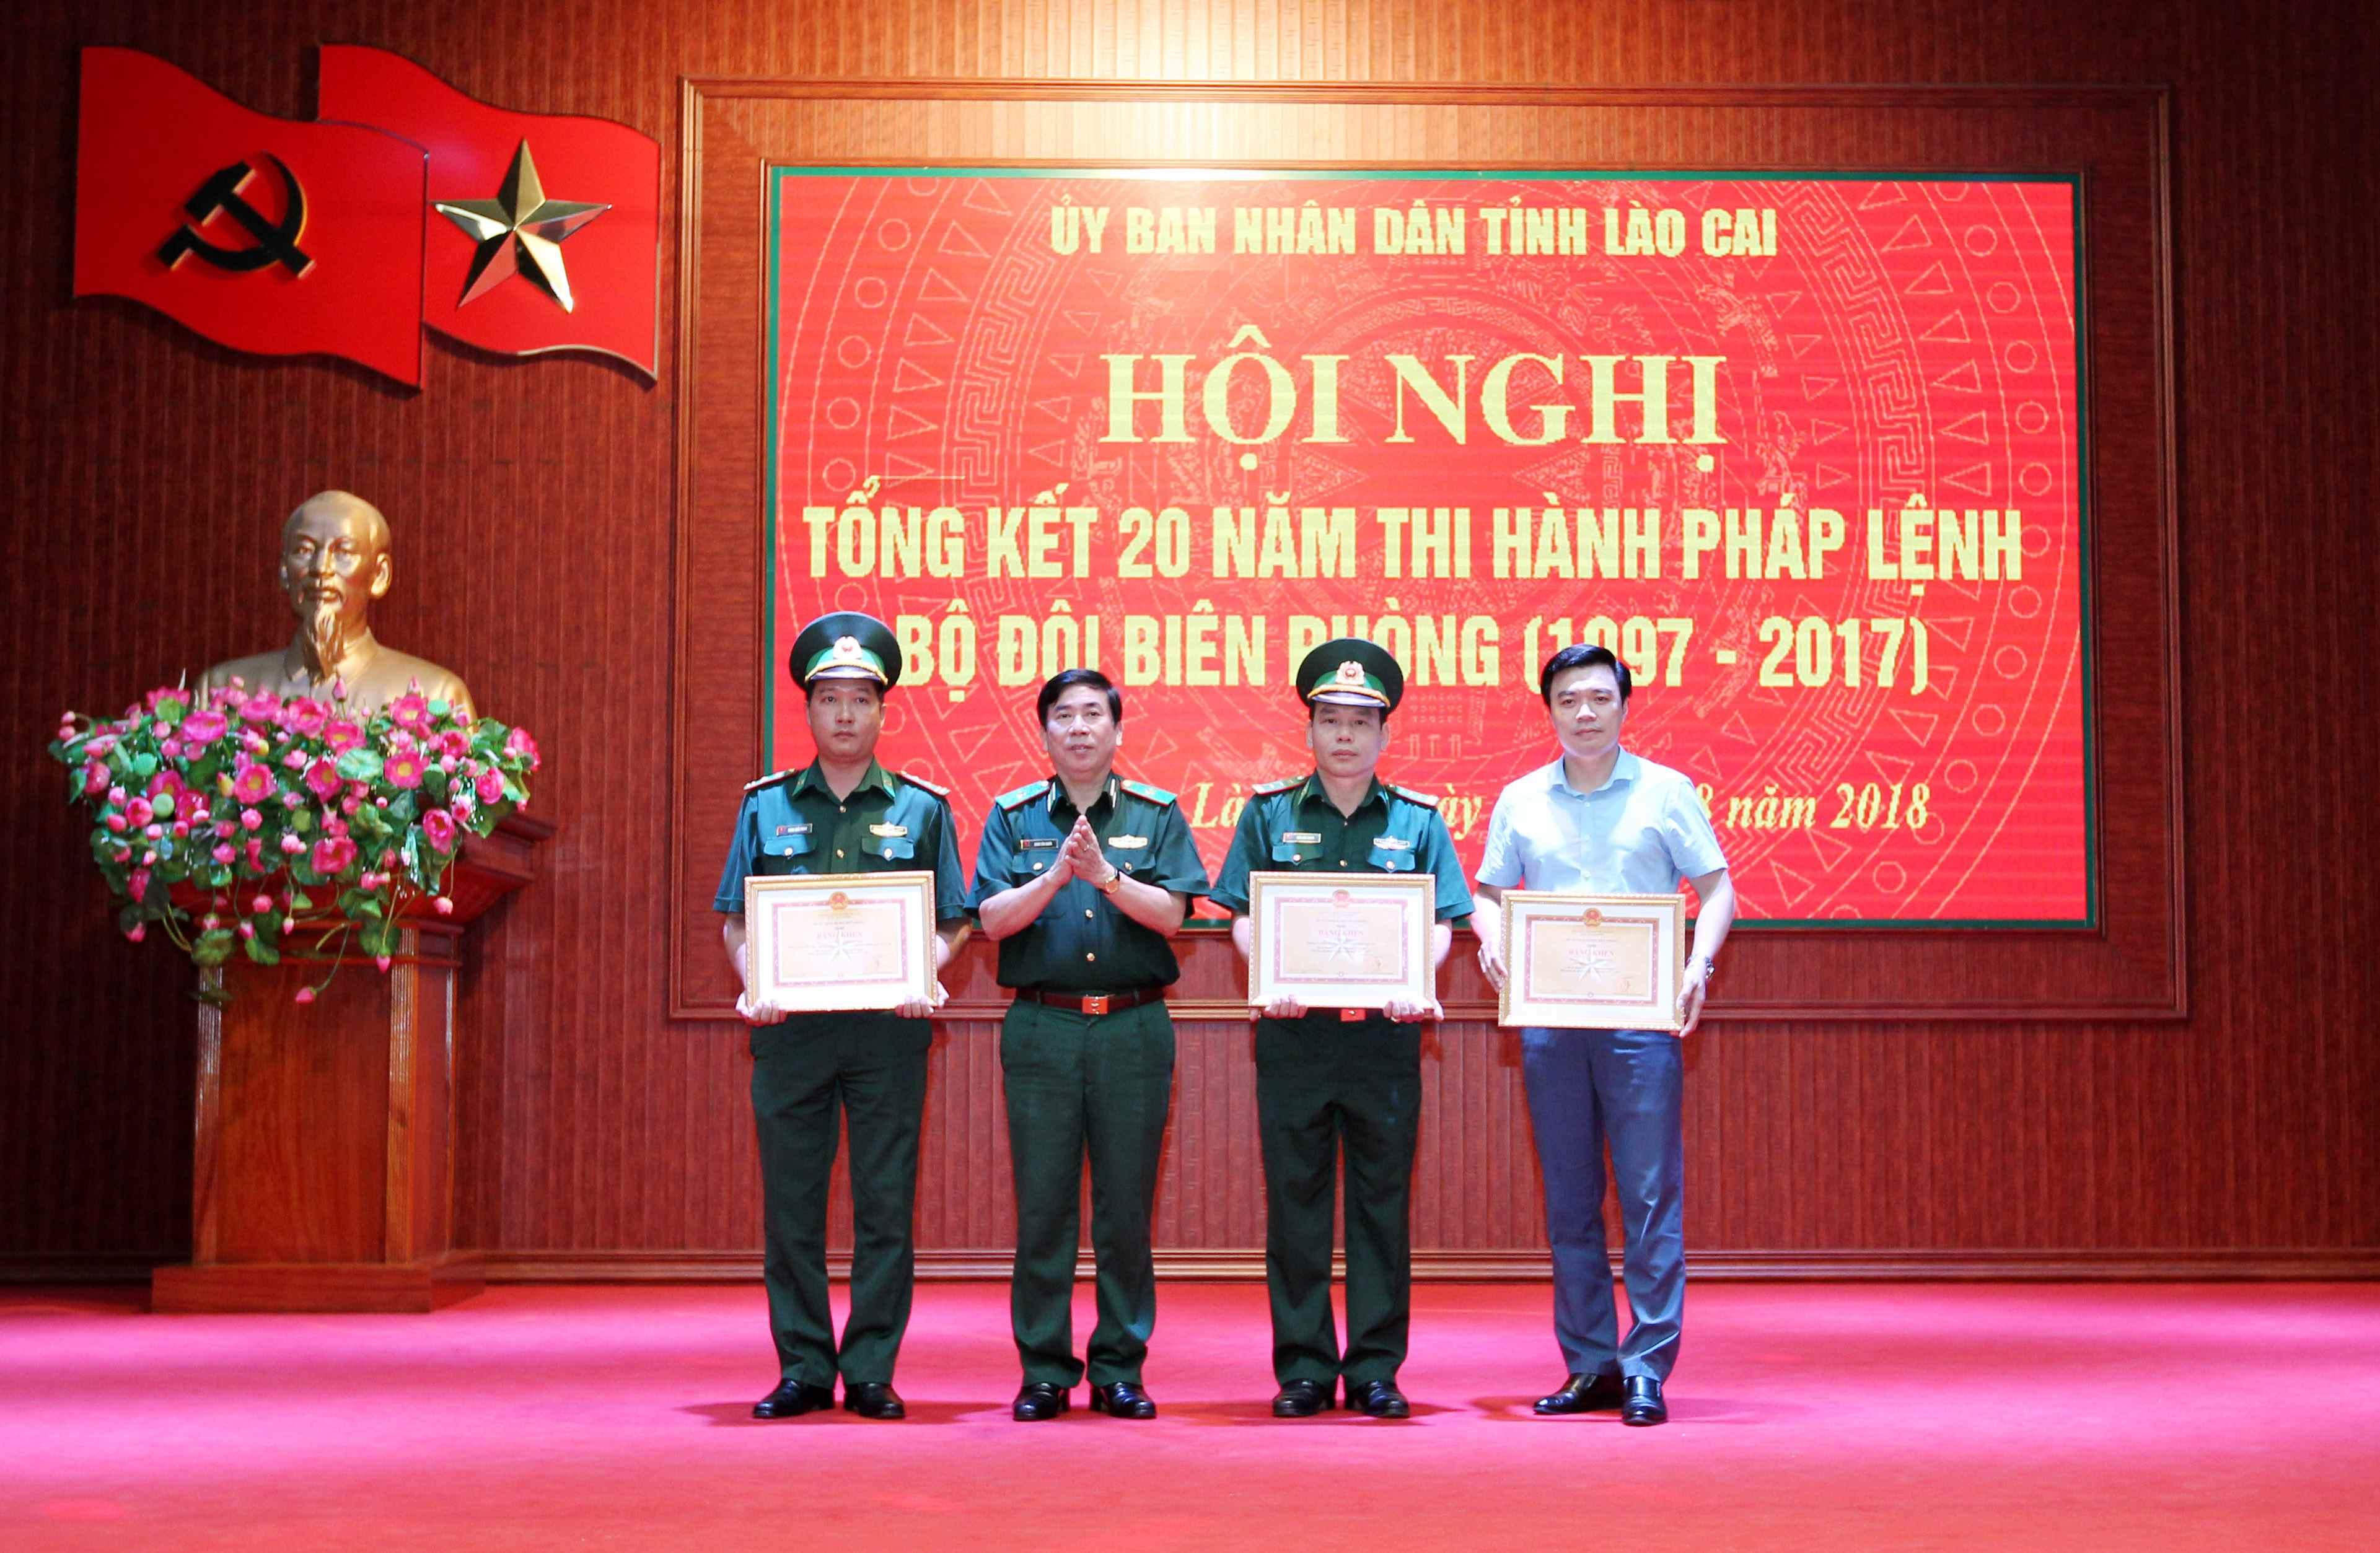 Lào Cai tổng kết 20 năm thi hành Pháp lệnh Bộ đội Biên phòng